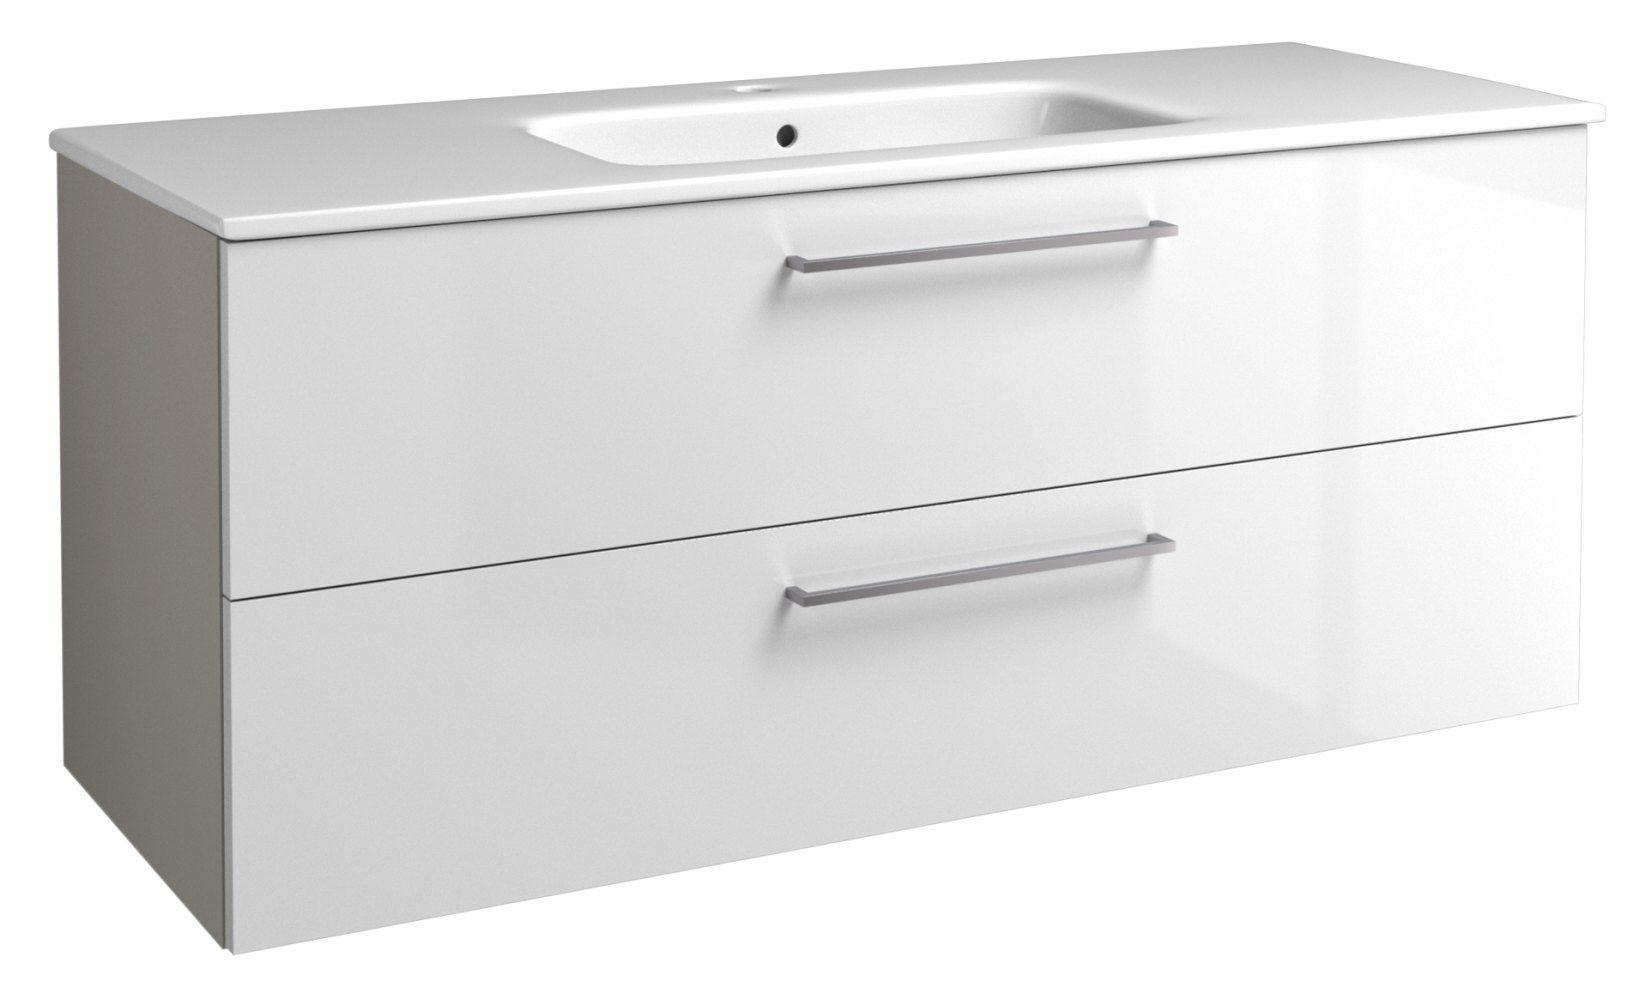 Waschtischunterschrank Noida 24, Farbe: Beige / Weiß glänzend – 50 x 121 x 46 cm (H x B x T)